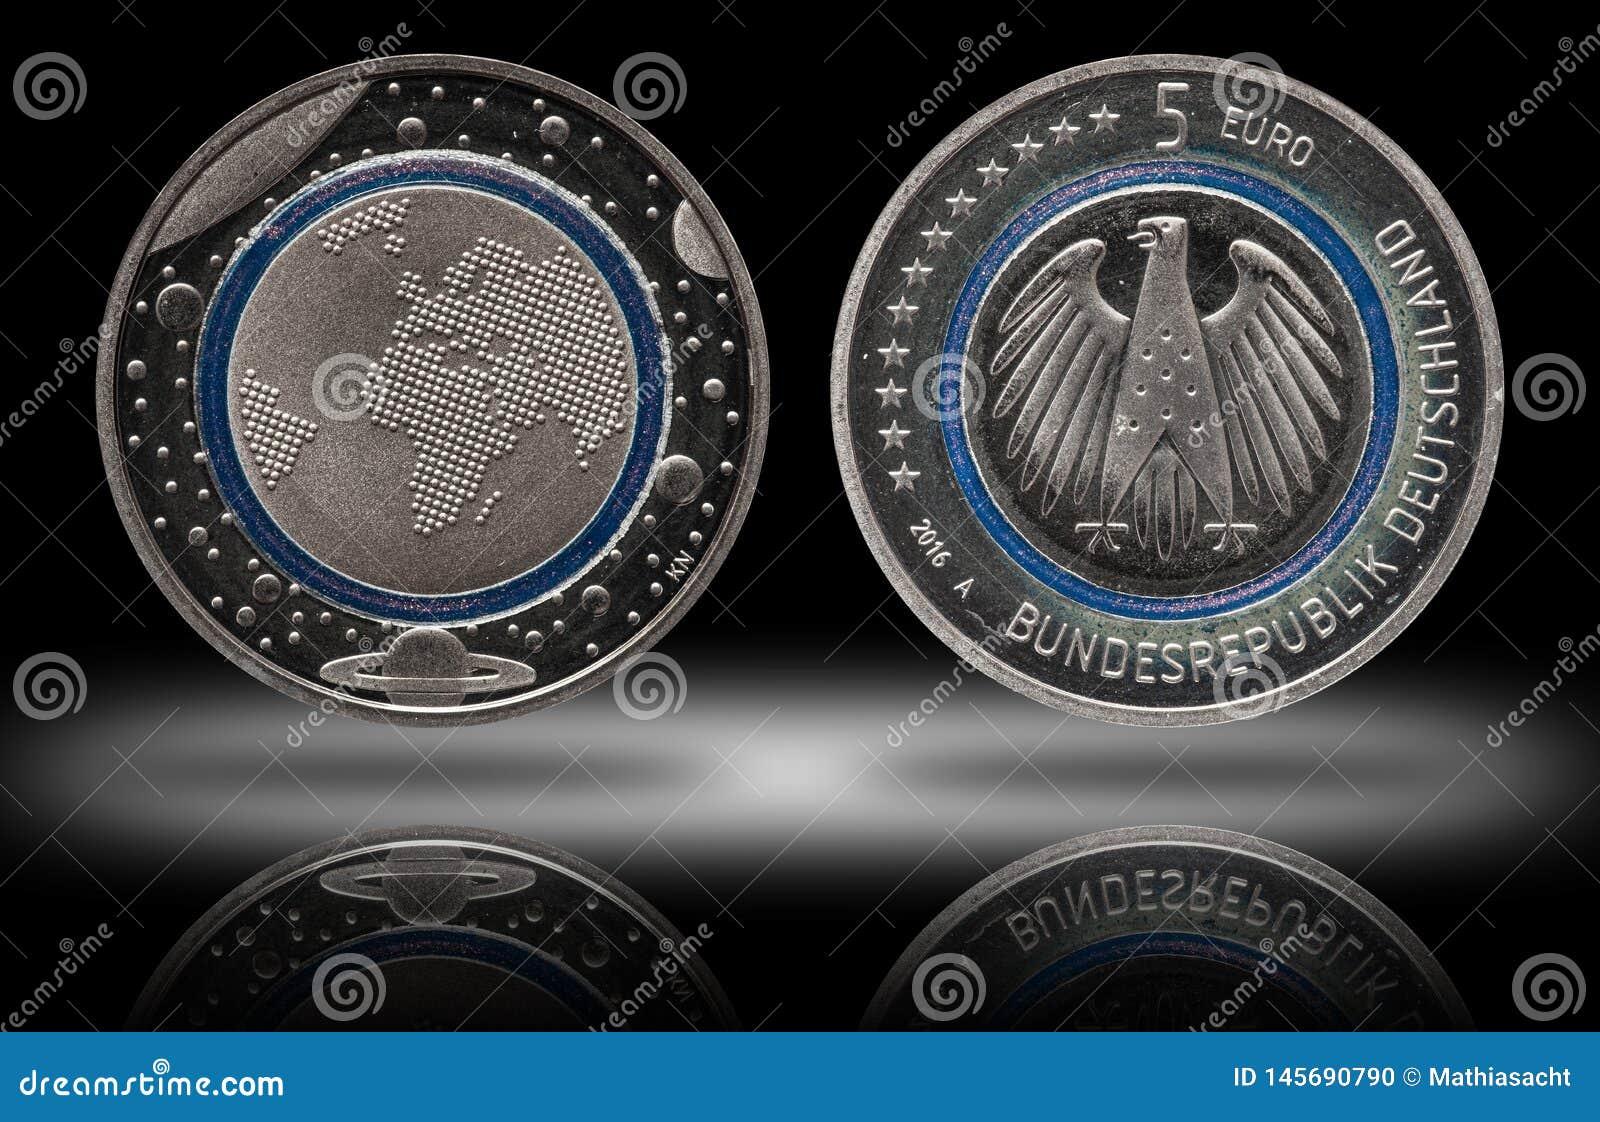 Duitsland vijf euro muntstuk met planeten en blauwe polymeerring